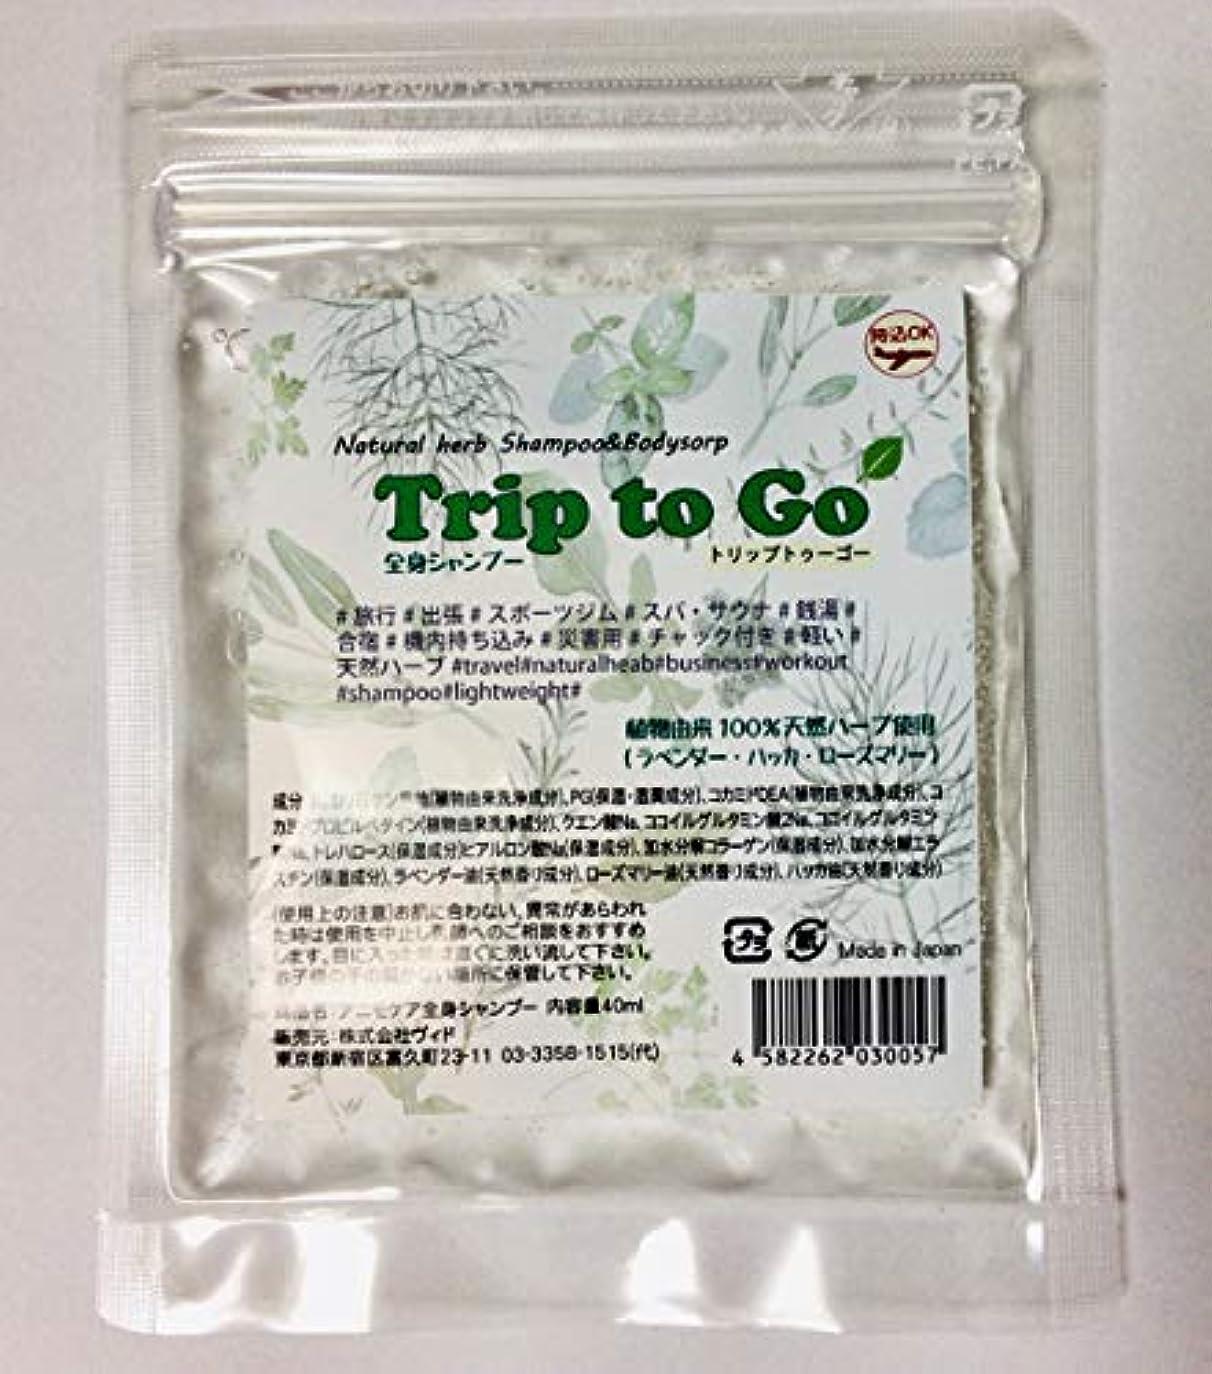 運動部屋を掃除するセグメントTrip to Go(トリップトゥーゴー) 全身シャンプー 40gパウチ 旅行/出張にコレ1パック ただいま送料無料です。